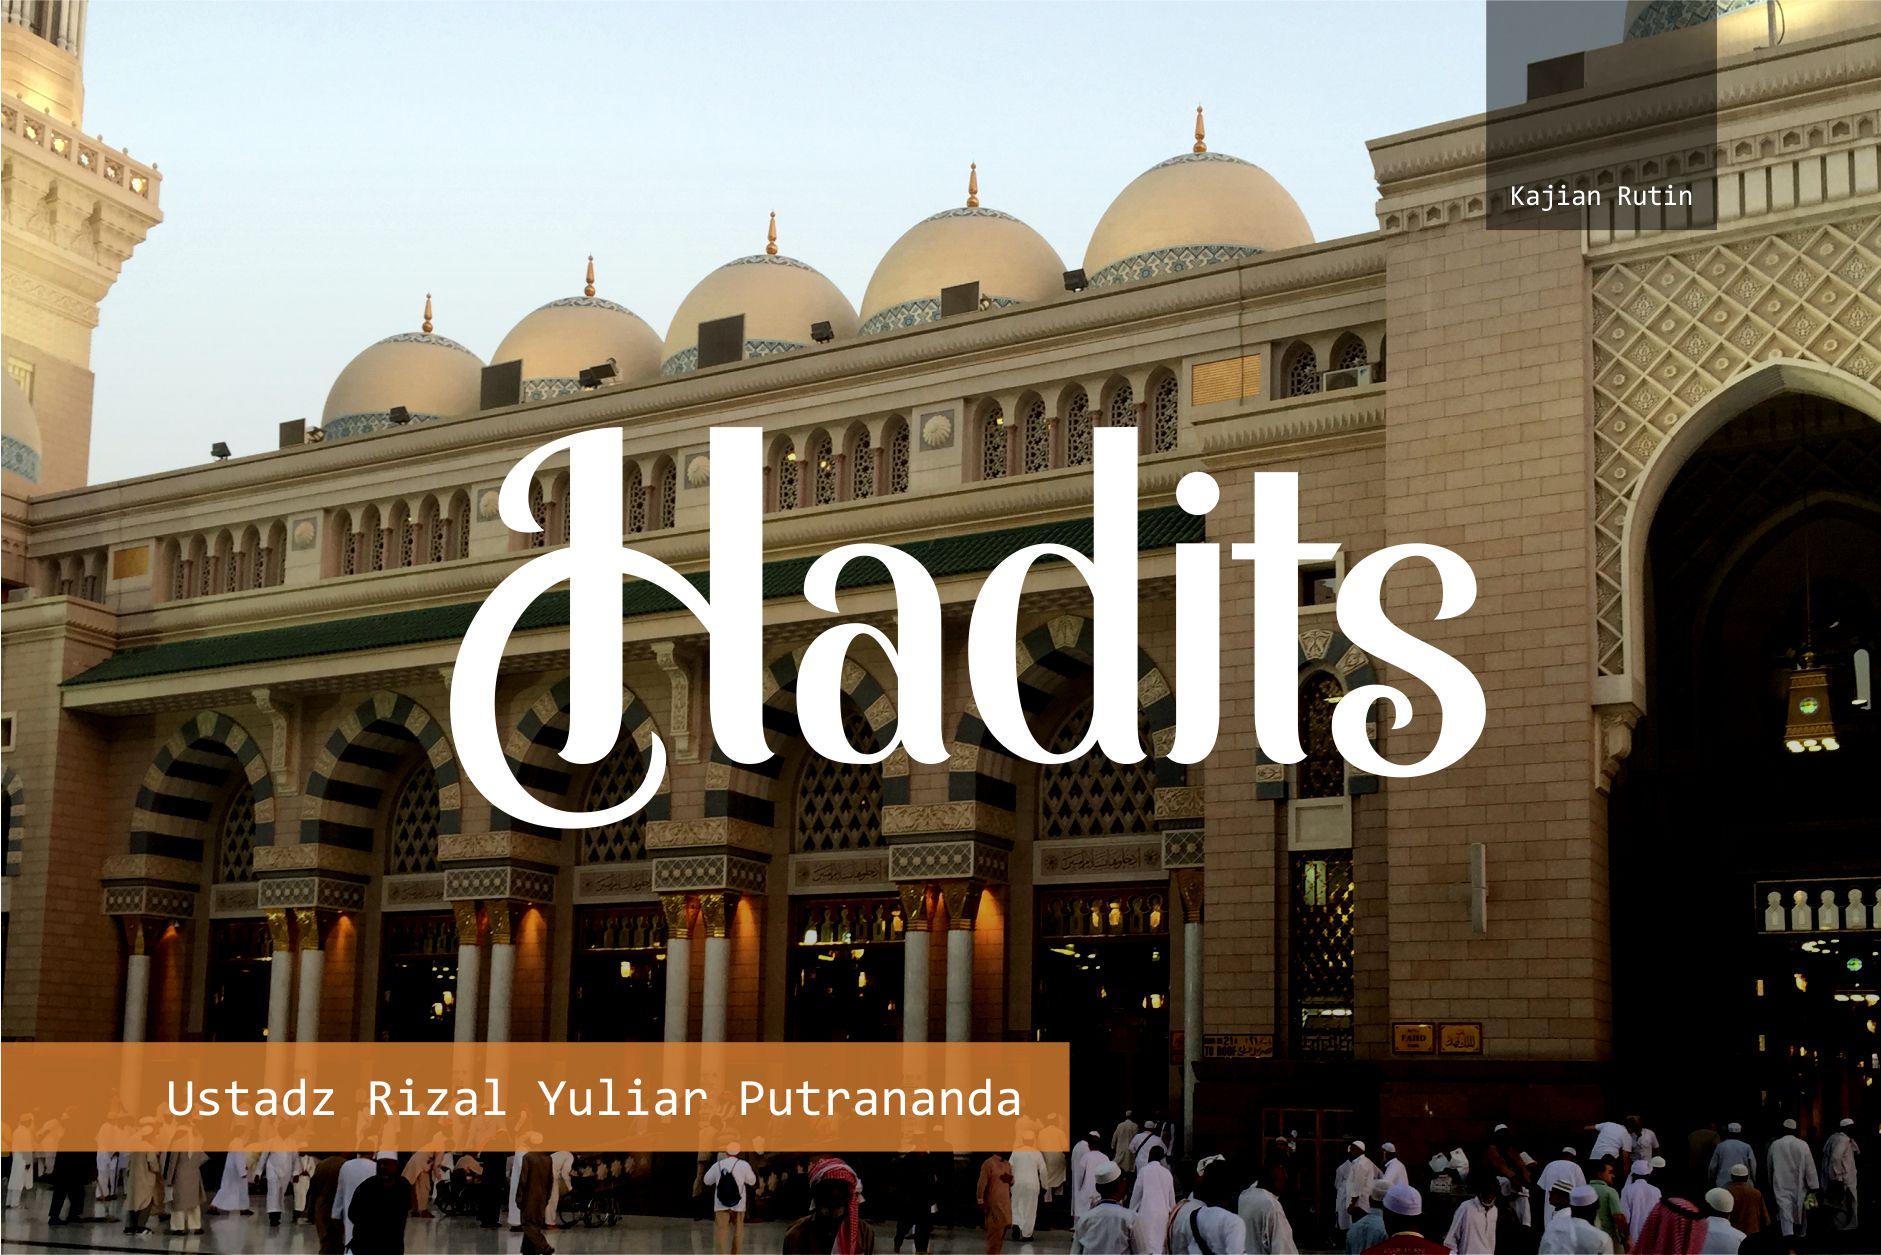 Menyambut Kemuliaan Ramadhan – Ust Rizal Yuliar Putrananda